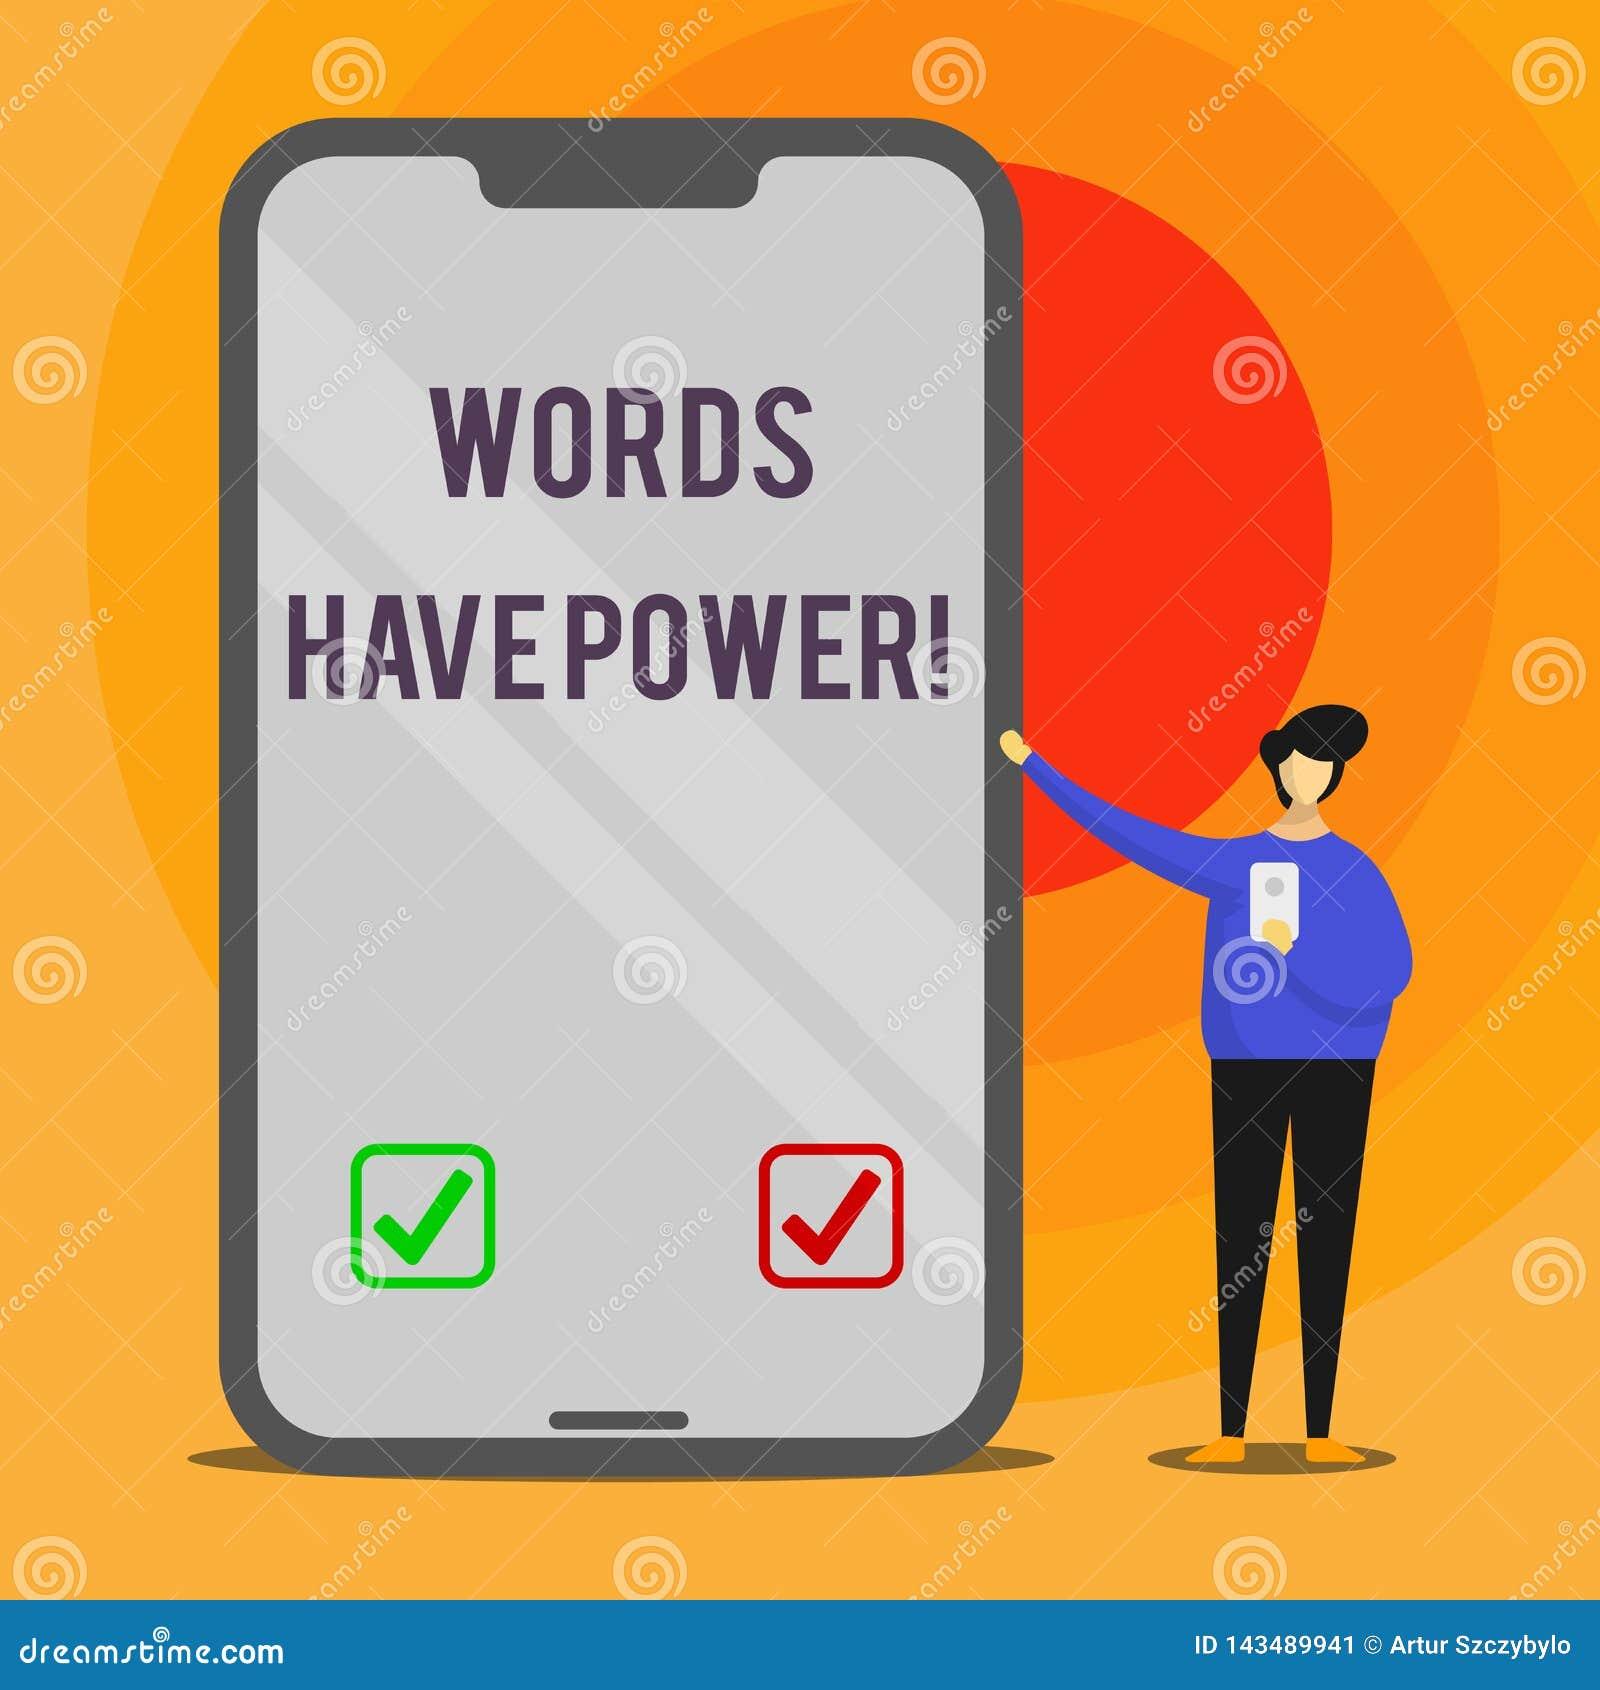 词文字文本词有力量 企业概念为,因为他们有能力帮助愈合创伤或危害某人人